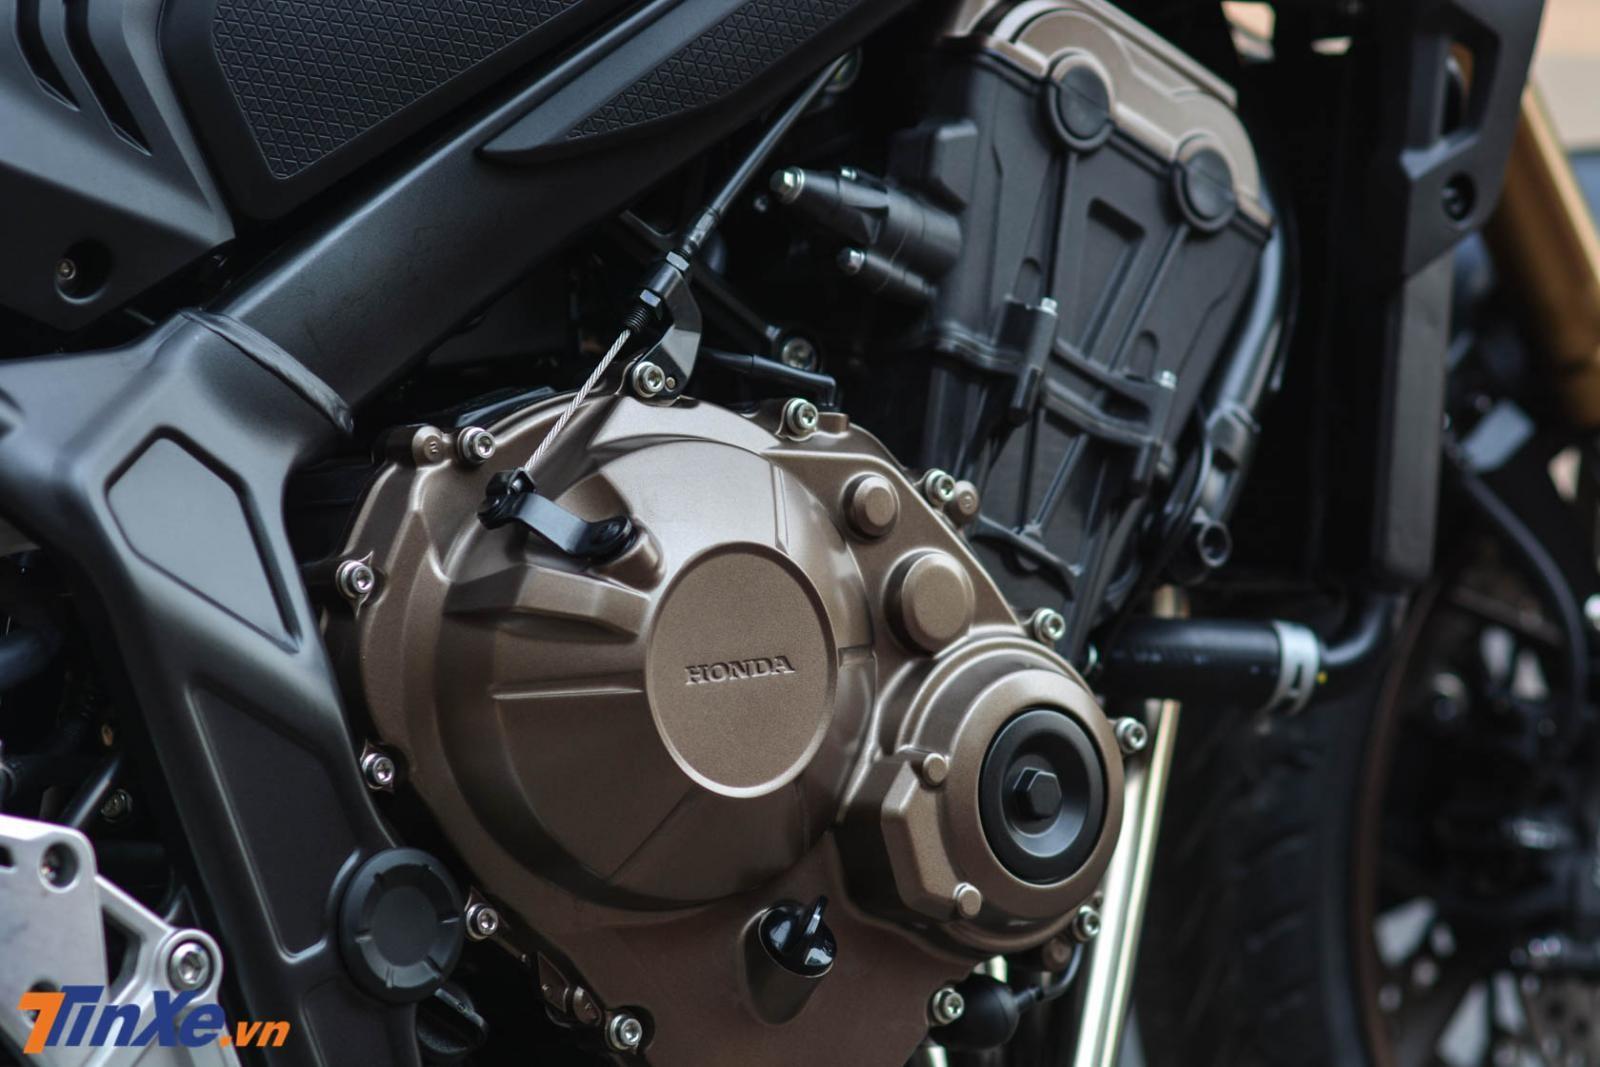 Honda CB650R 2019 vẫn sử dụng khối động cơ 4 xy-lanh thẳng hàng DOHC, dung tích 649 cc lấy của CB650F